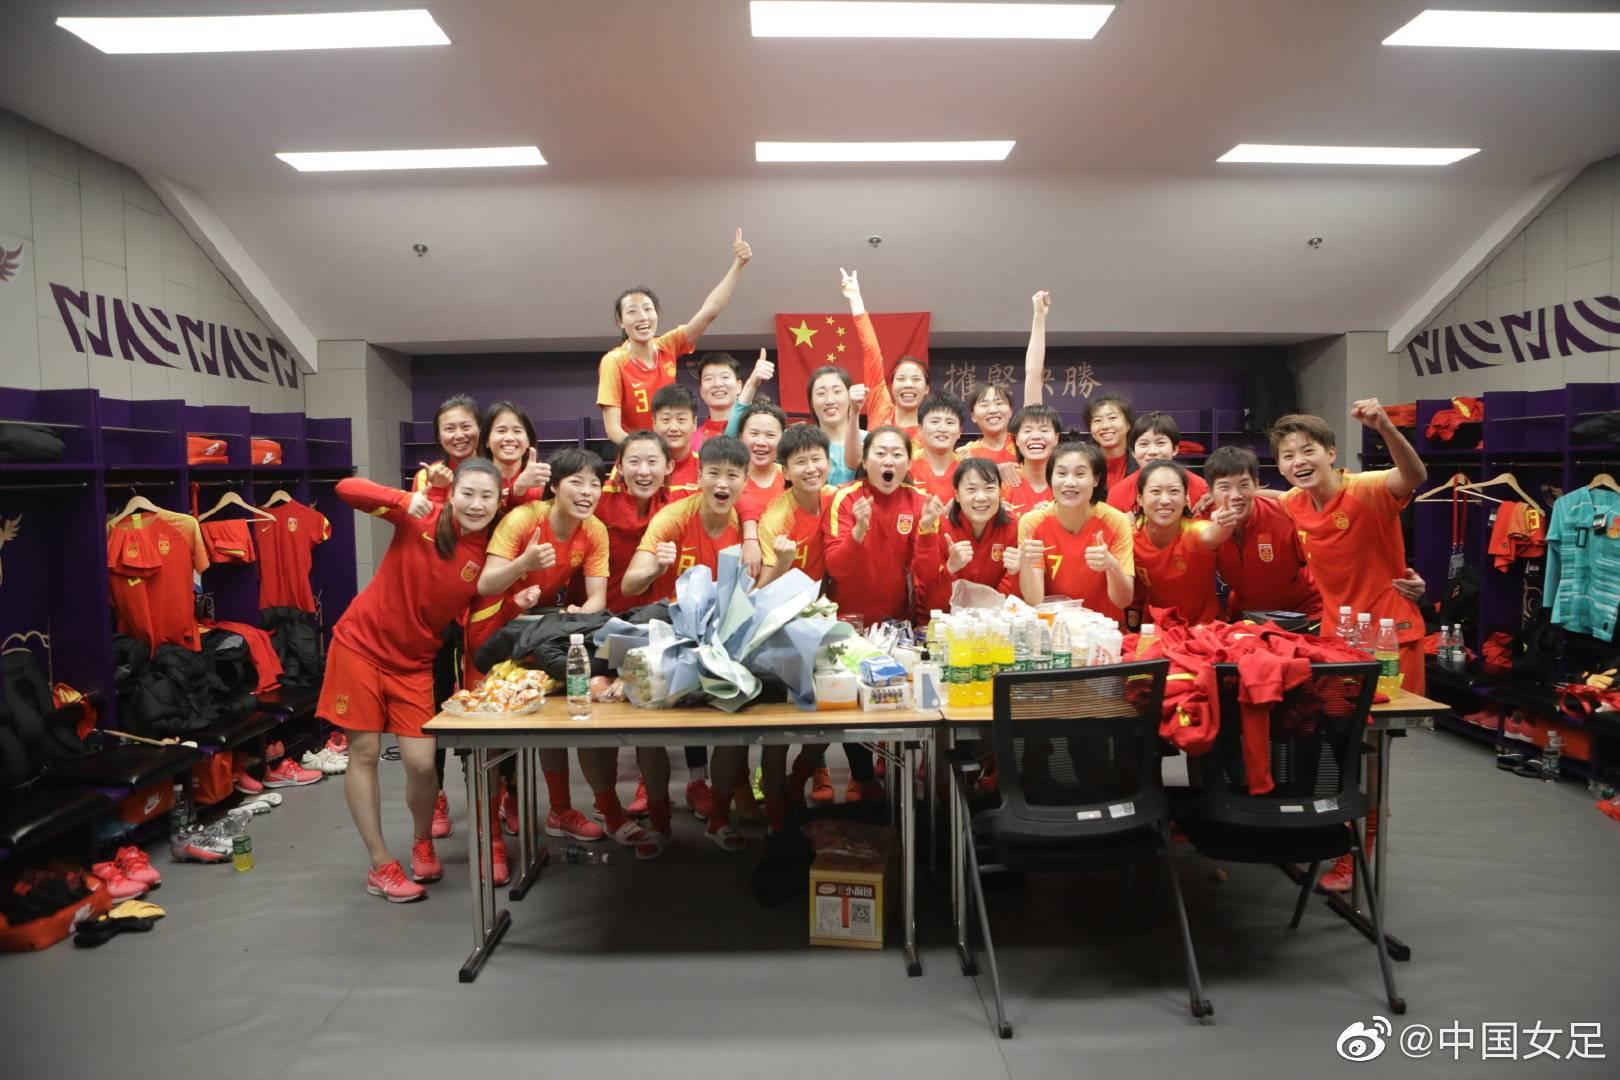 媒体人热议中国女足:救了中国足球 否则积重难返